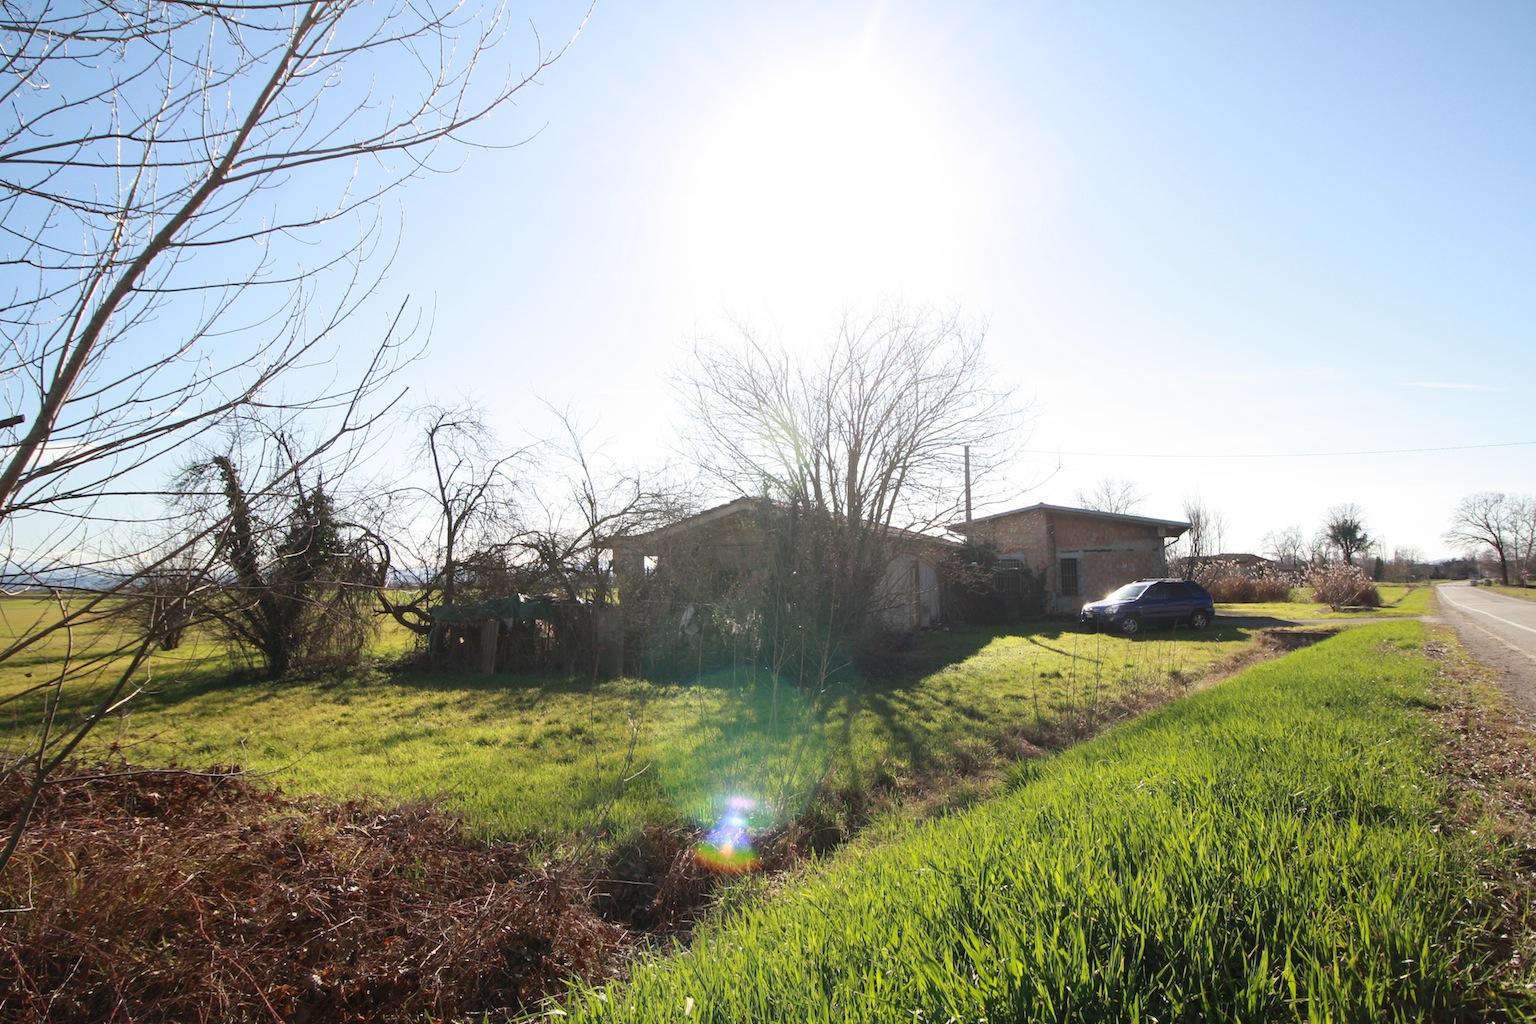 Terreno Edificabile Residenziale in vendita a Gattatico, 9999 locali, zona Località: Praticello(sededelMunicipio, prezzo € 95.000 | CambioCasa.it